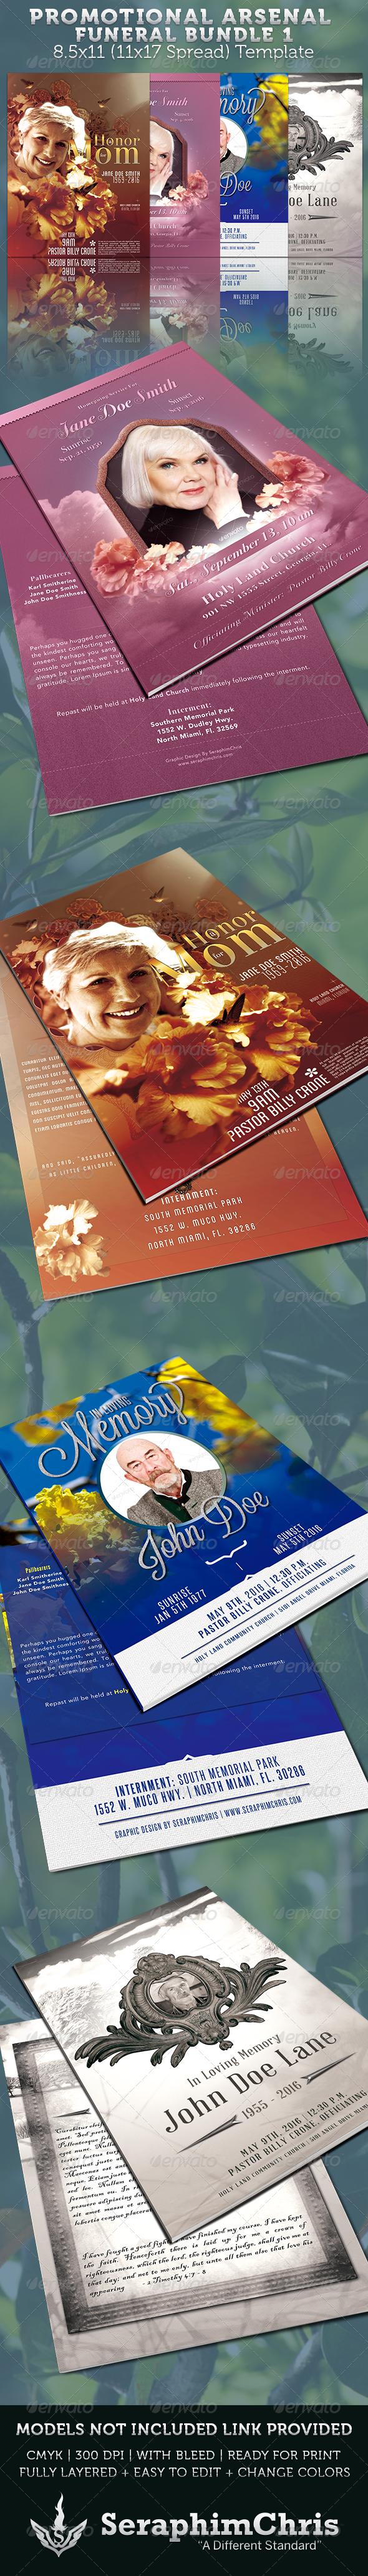 Promotional Arsenal Funeral Program Bundle 1 - Informational Brochures